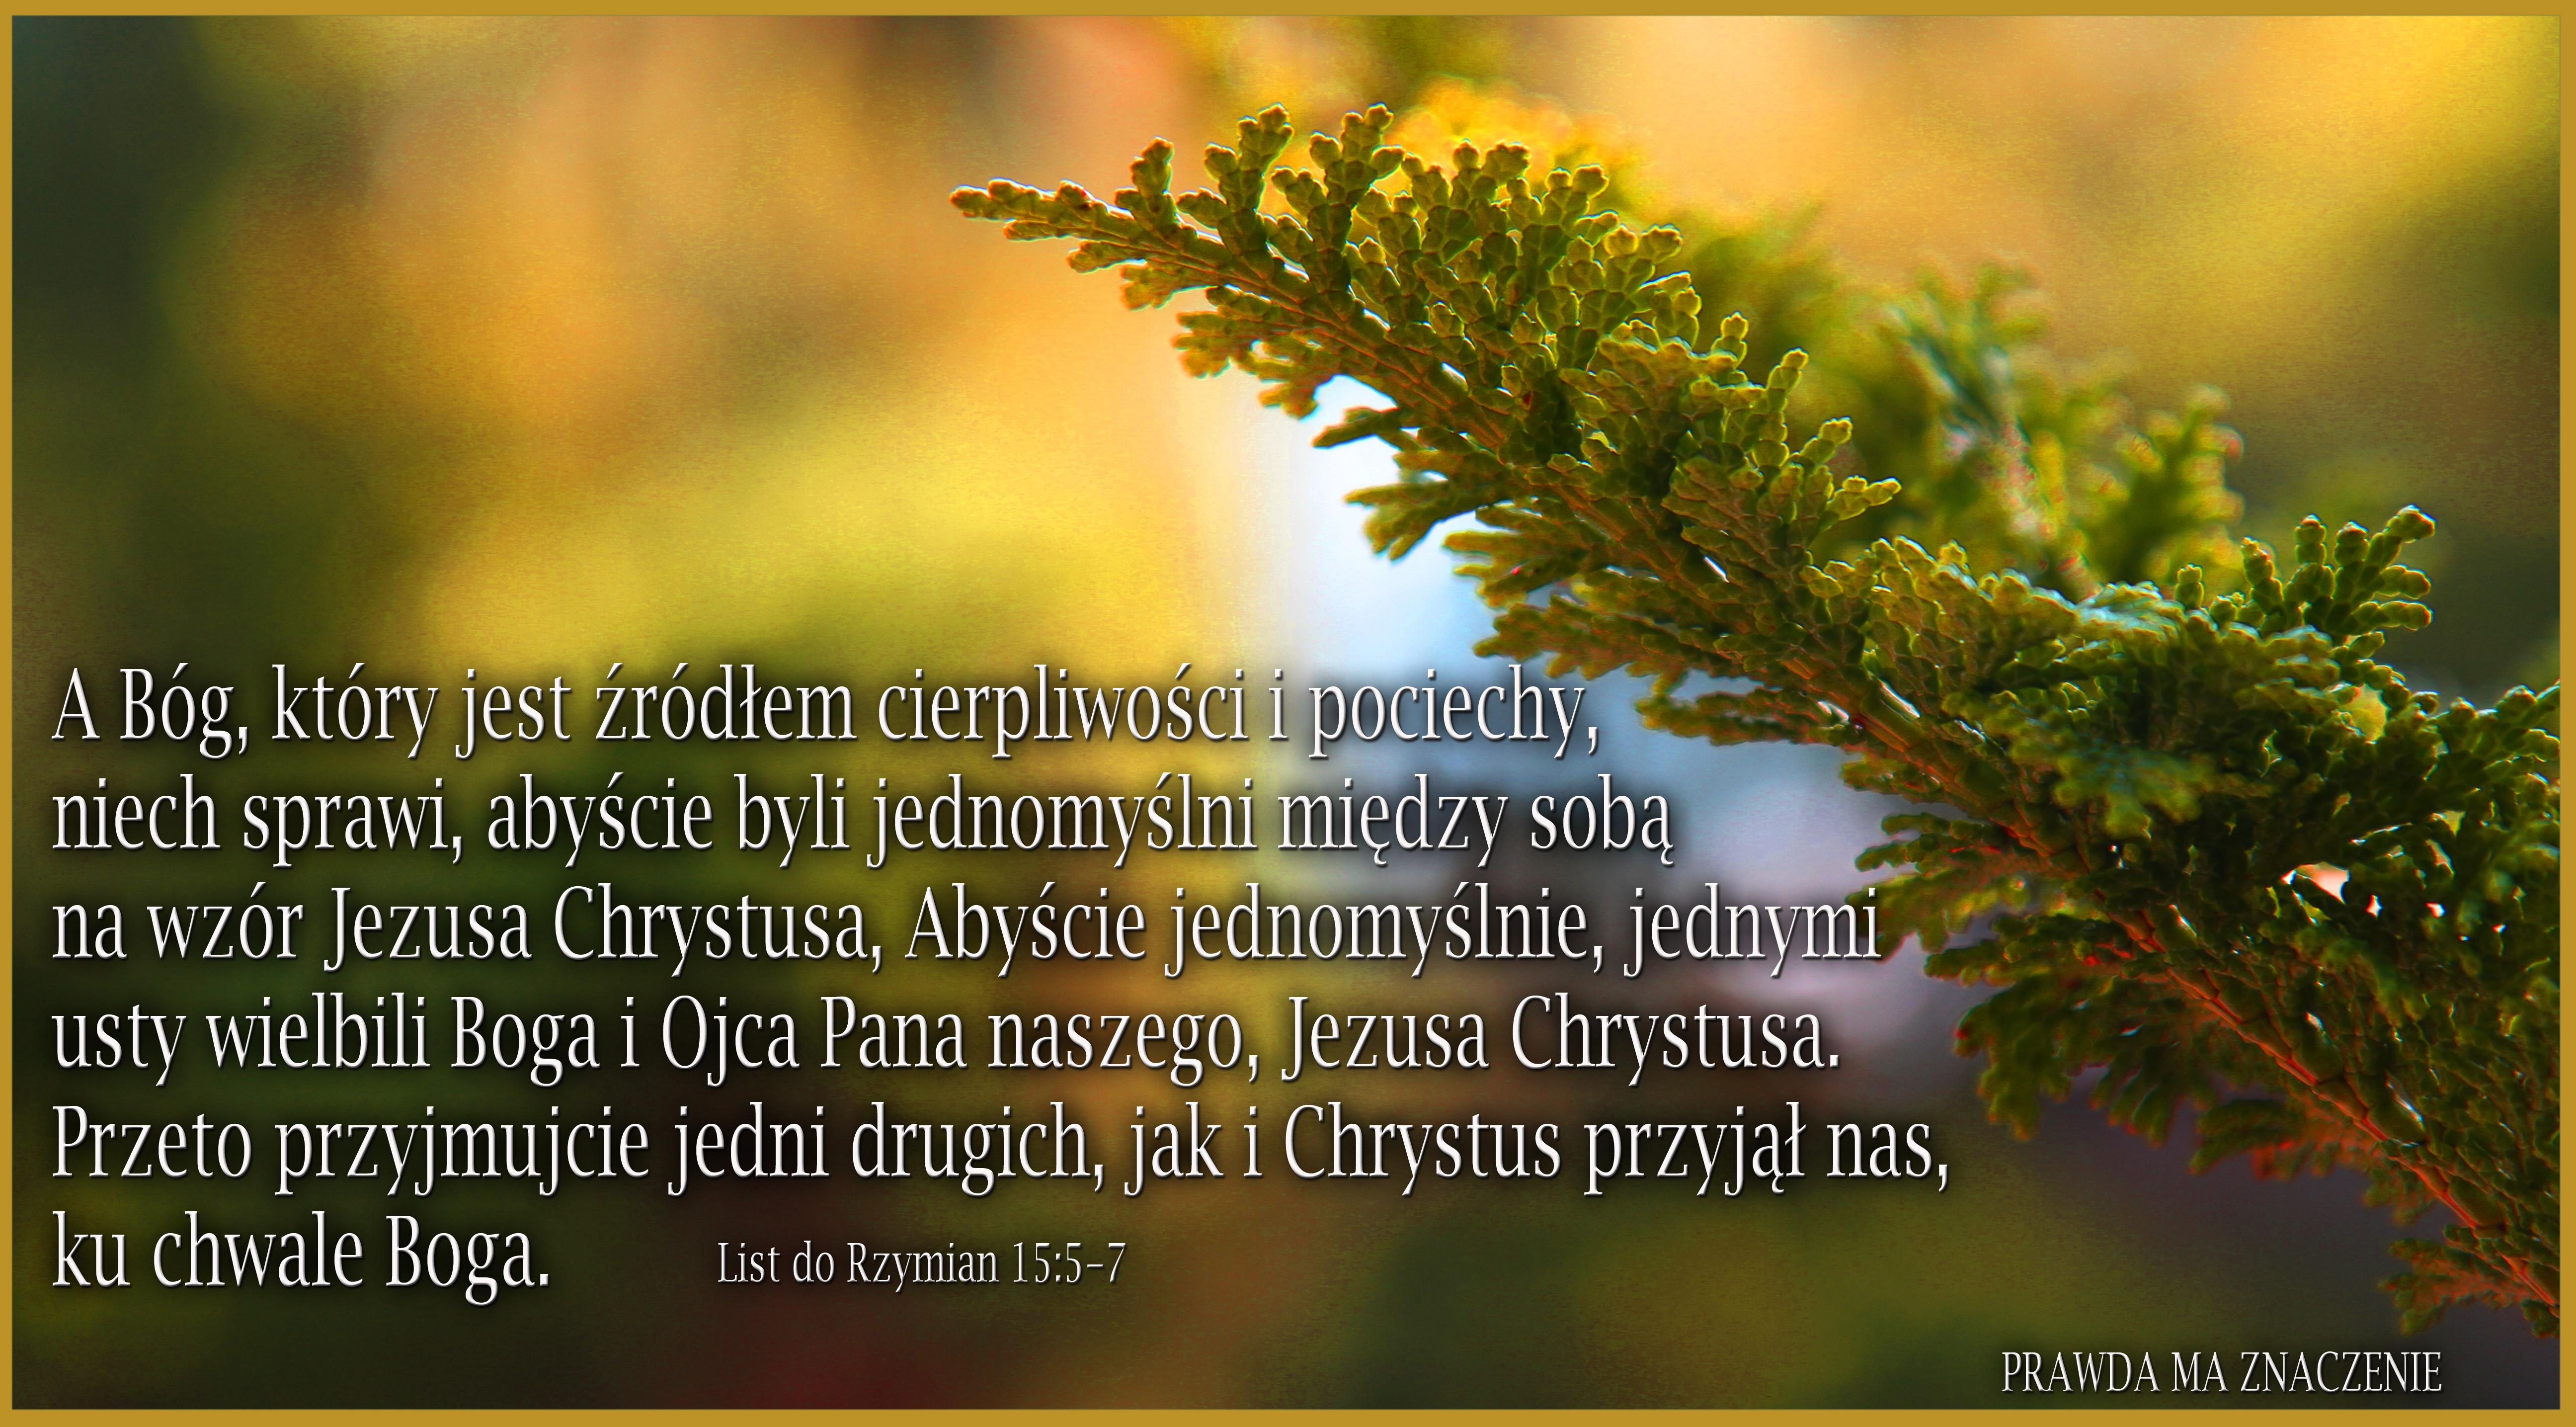 RZYM15 57